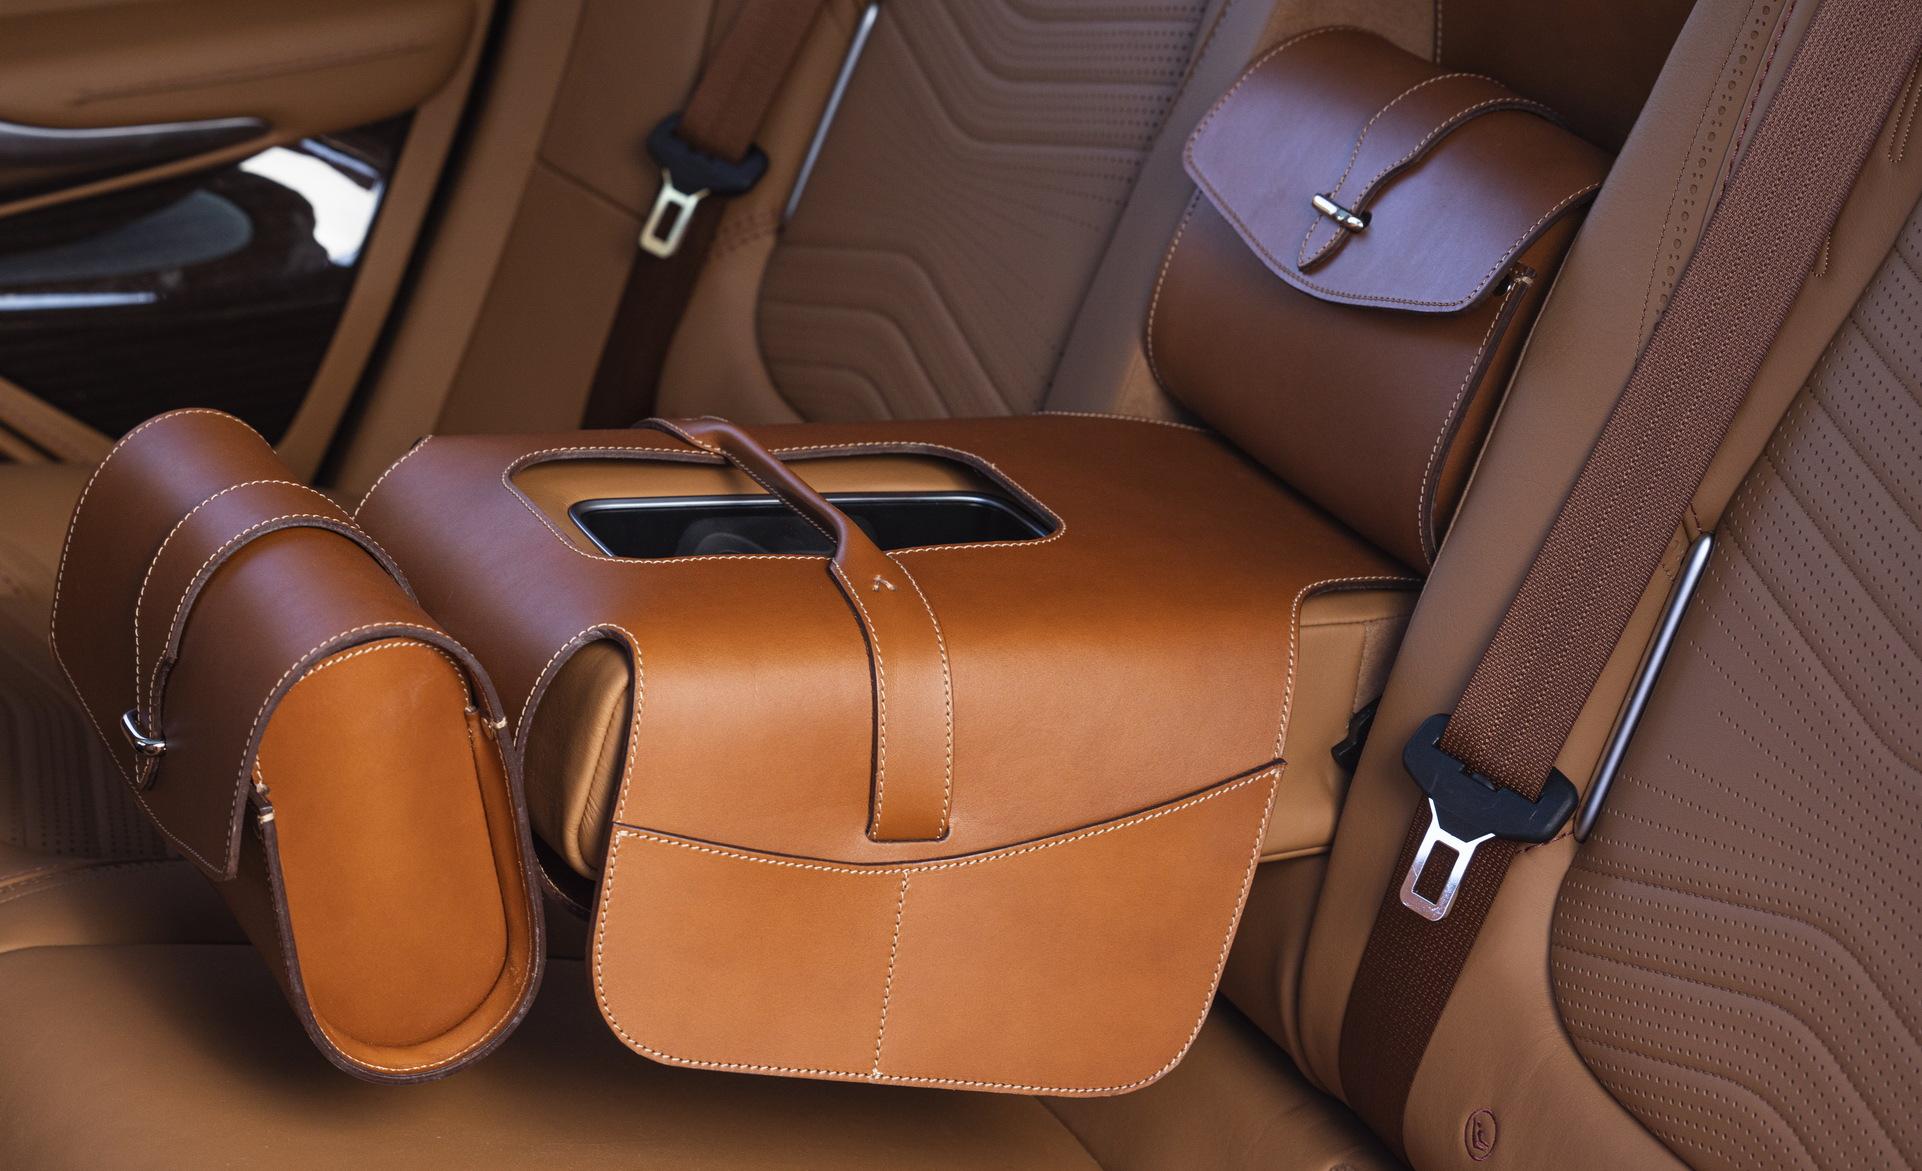 Aston Martin DBX - SUV siêu sang đầu tiên dành cho các đại gia - 4